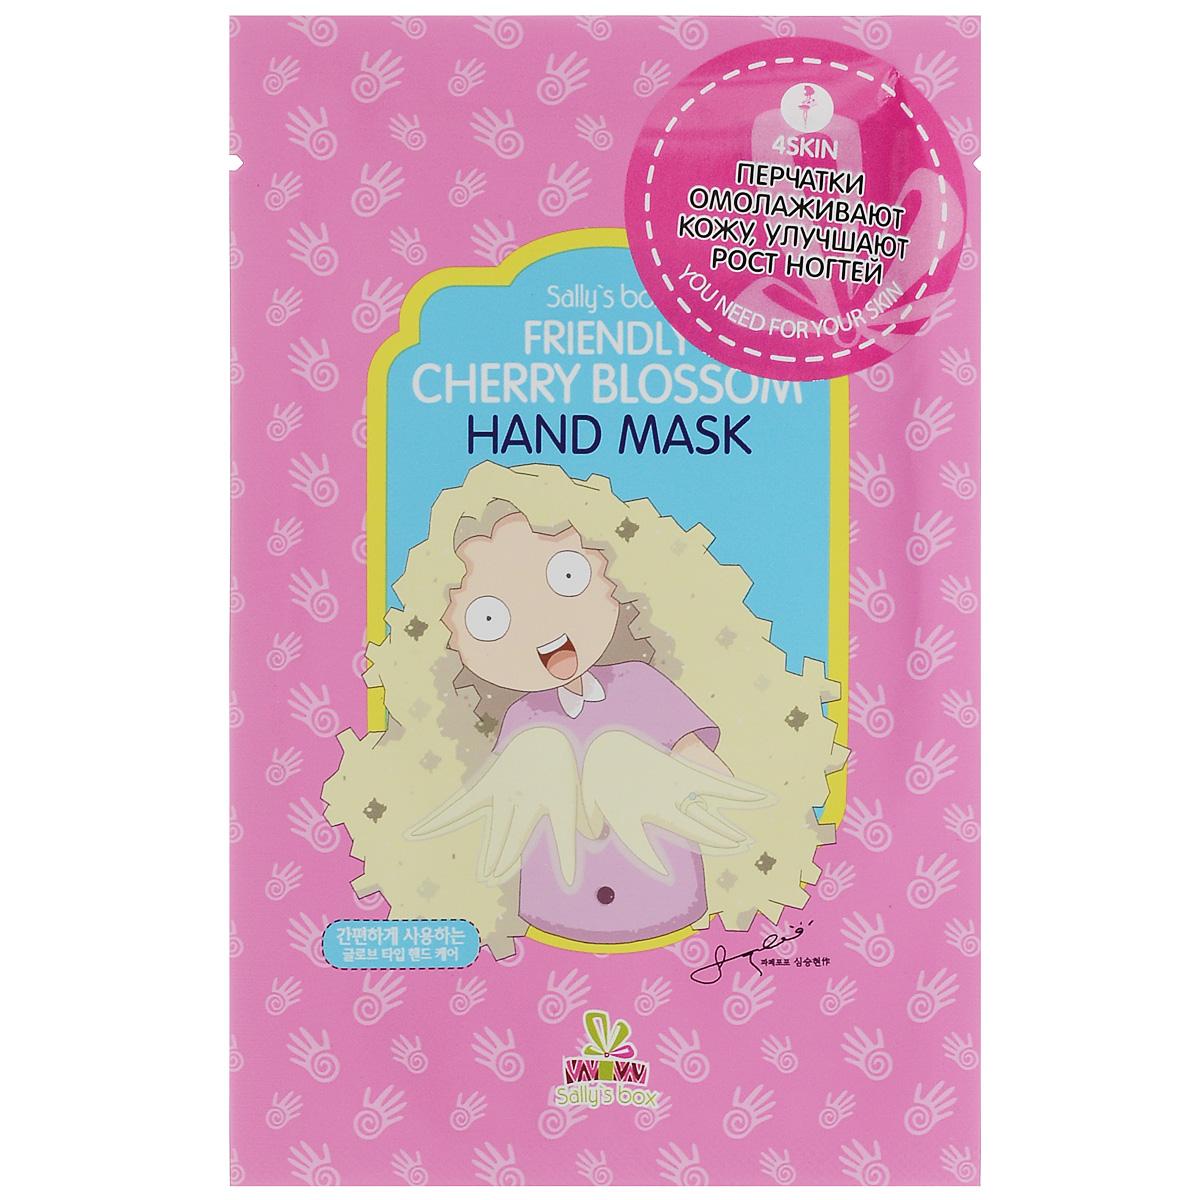 SALLY`S BOX Увлажняющие перчатки CHEERY BLOSSOM813362Увлажняющие перчатки для рук SALLYS BOX предназначены для глубокого увлажнения, питания и восстановления эластичности утомлённой кожи. Обогащенные комплексом природных экстрактов розмарина, сакуры, грейпфрута, а также маслам ши, маска быстро и глубоко проникает в кожу рук, питая и увлажняя ее, а новейшая разработка маски в форме перчаток позволит сделать процедуру наиболее эффективной и приятной. После применения маски для рук ваша кожа надолго останется гладкой, эластичной и шелковистой.